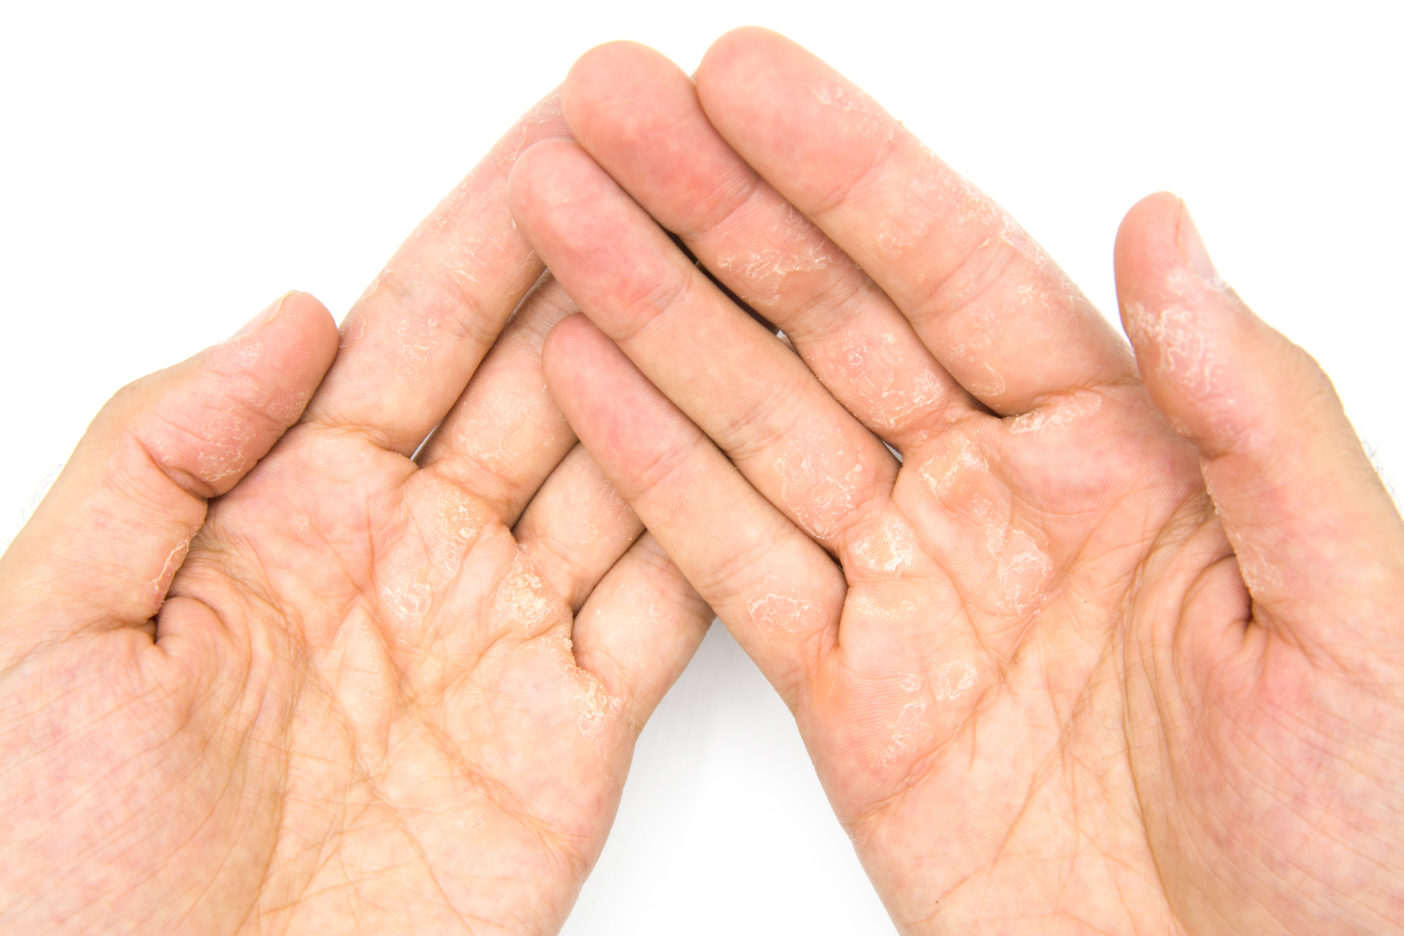 Handcreme - Handserum -raue Hände